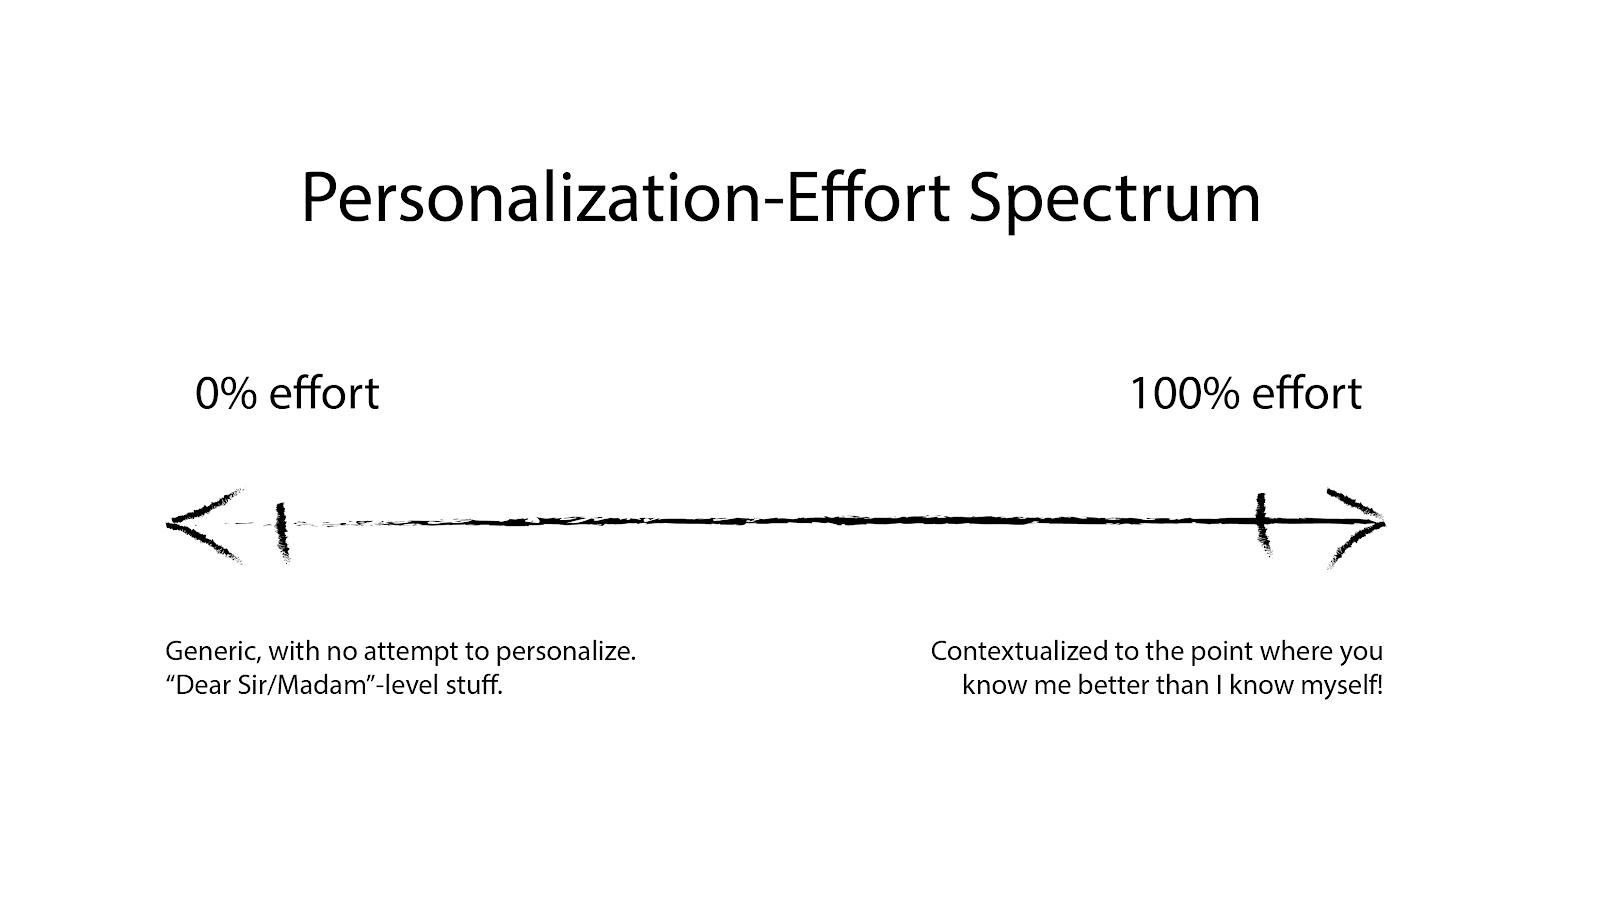 Personalization effort scale